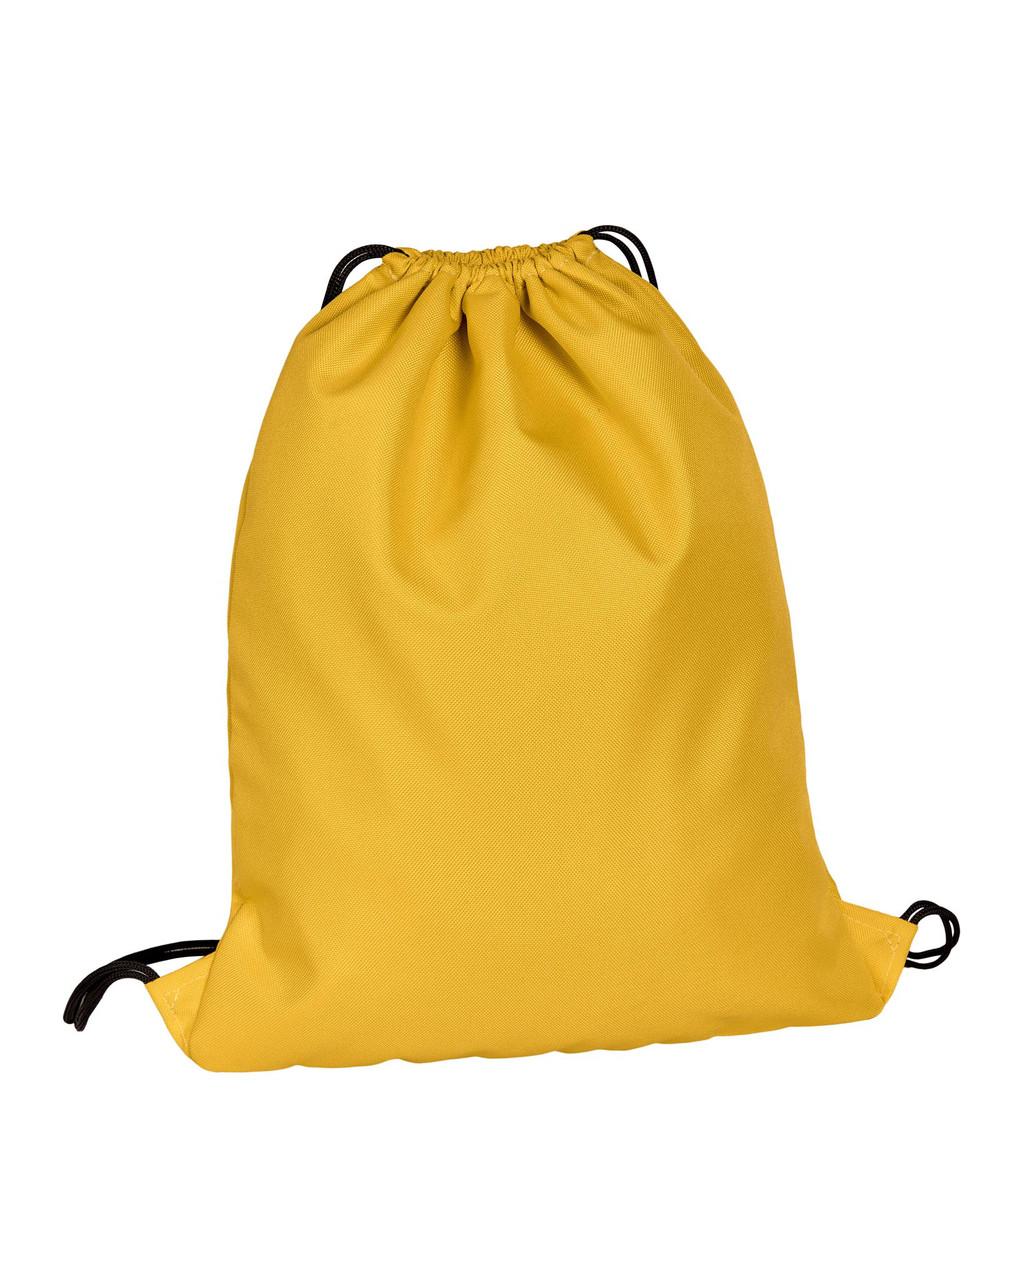 7fe8fa853b6b Рюкзак мешок универсальный разные цвета Surikat (сумка мешок, спортивный,  для обуви, женский, мужской, мішок), цена 115 грн., купить в Луцке —  Prom.ua ...